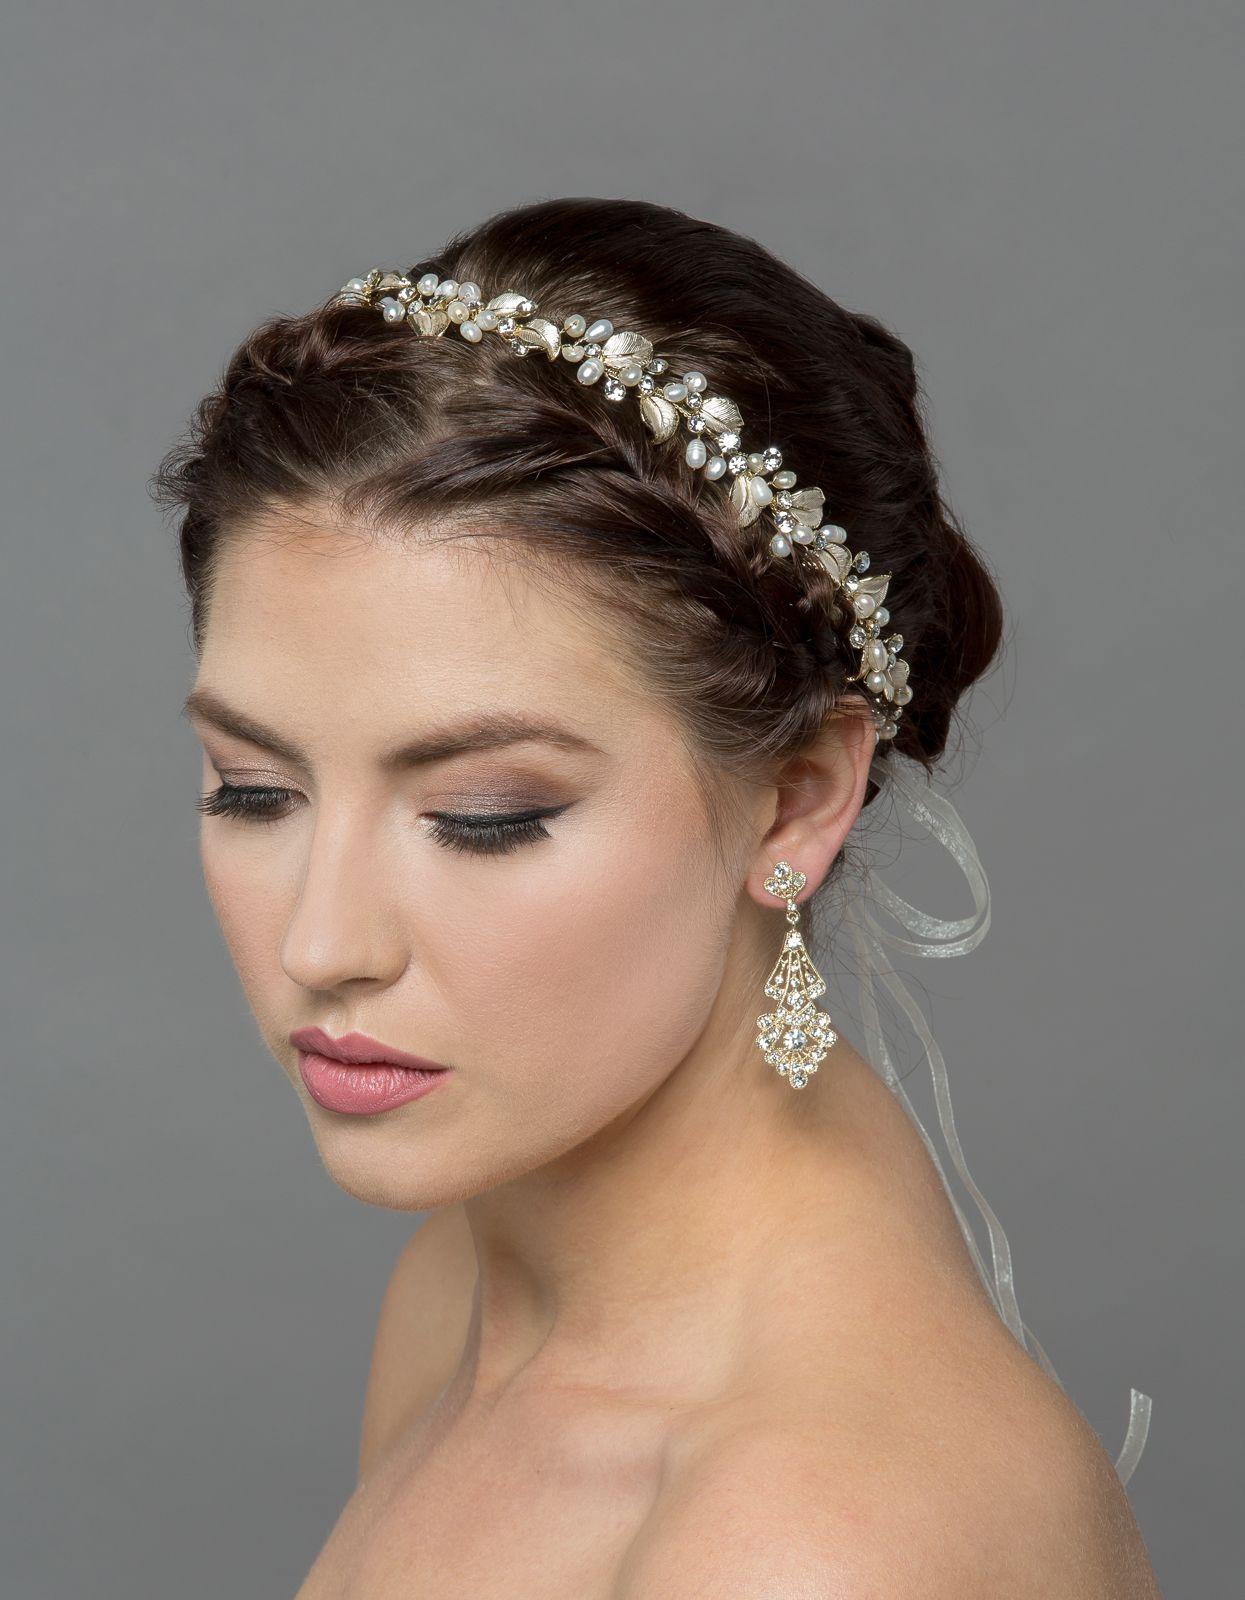 hb-7074 - bridal classics   headpieces   jewelry, bridal